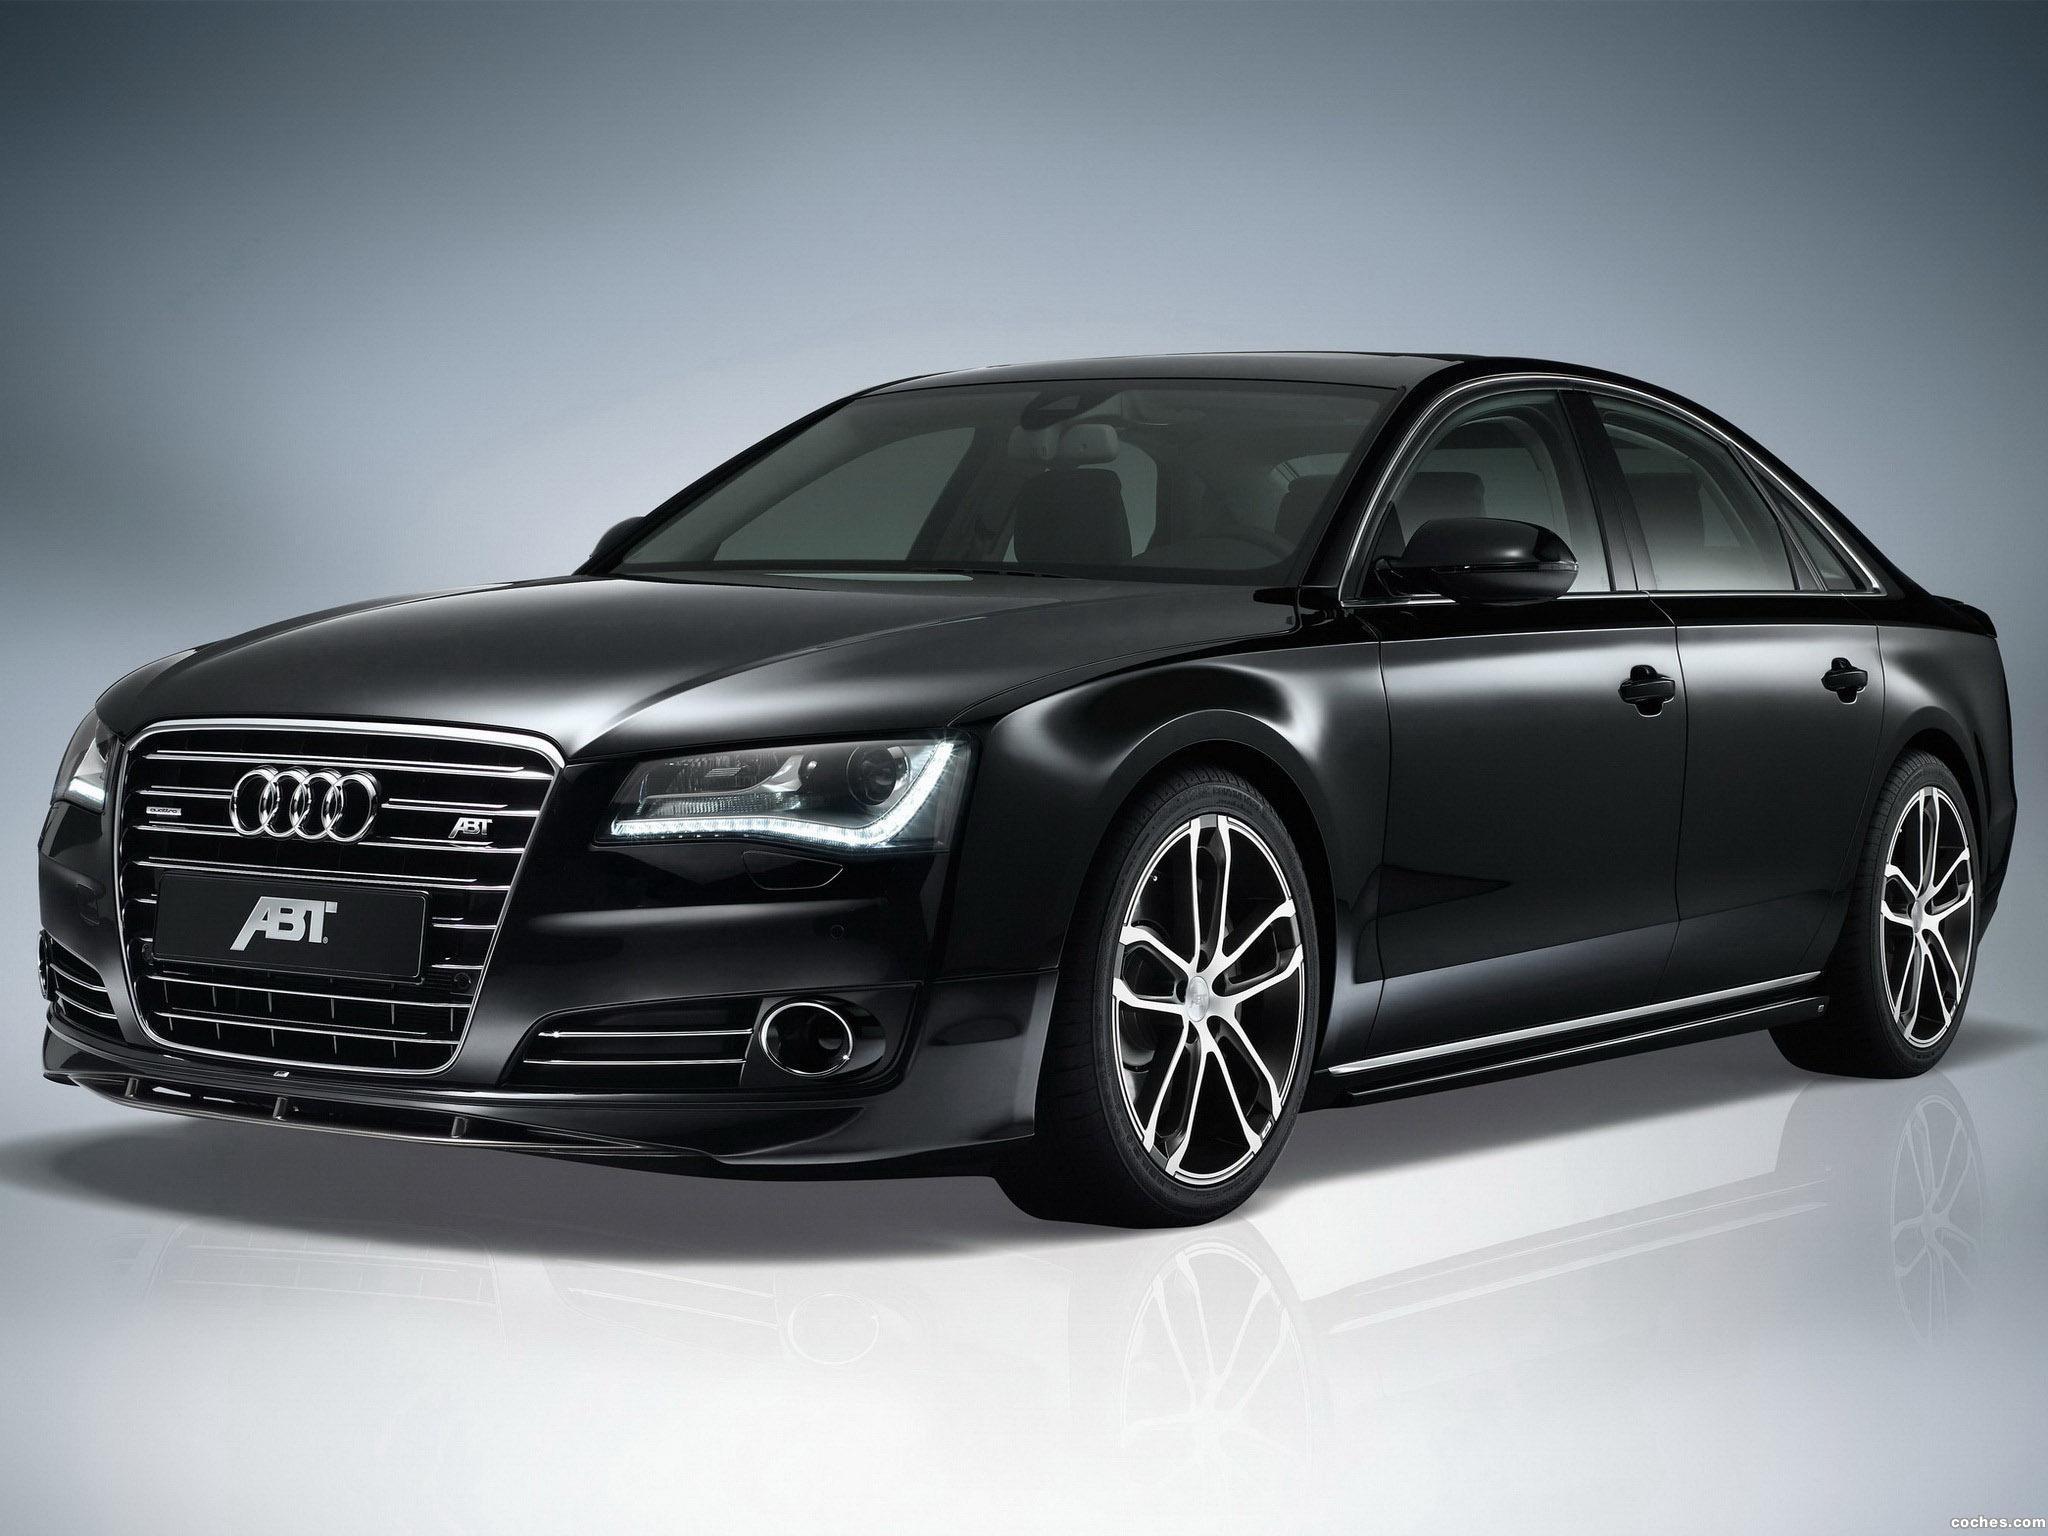 Foto 0 de Audi ABT AS8 D4 2010